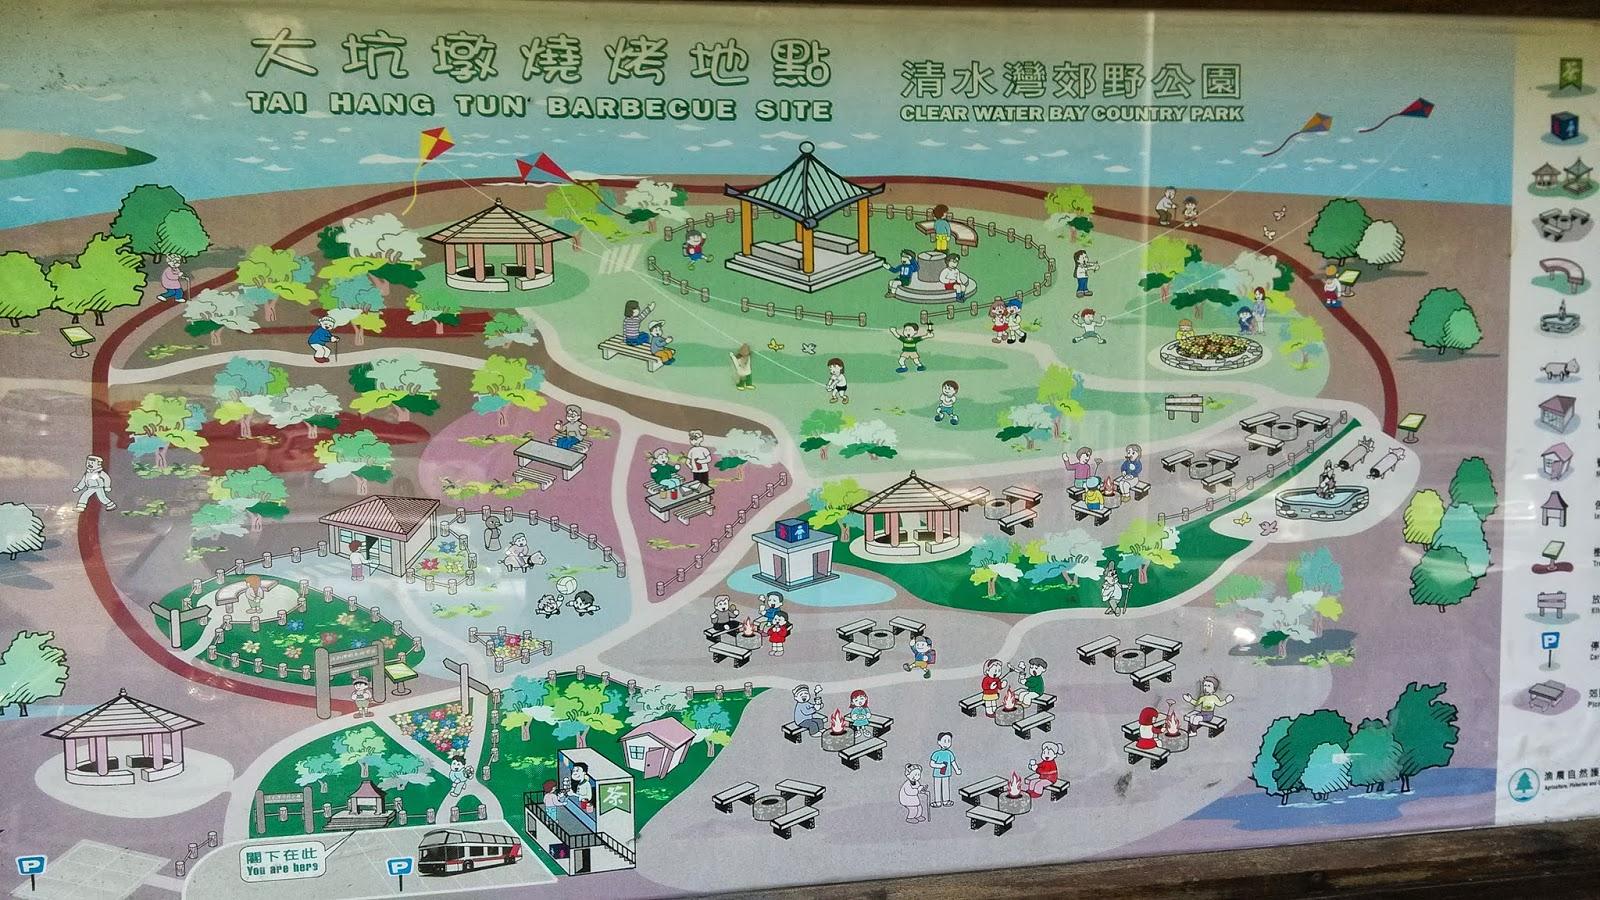 清水灣郊野公園   [組圖+影片] 的最新詳盡資料** (必看!!) - www.go2tutor.com